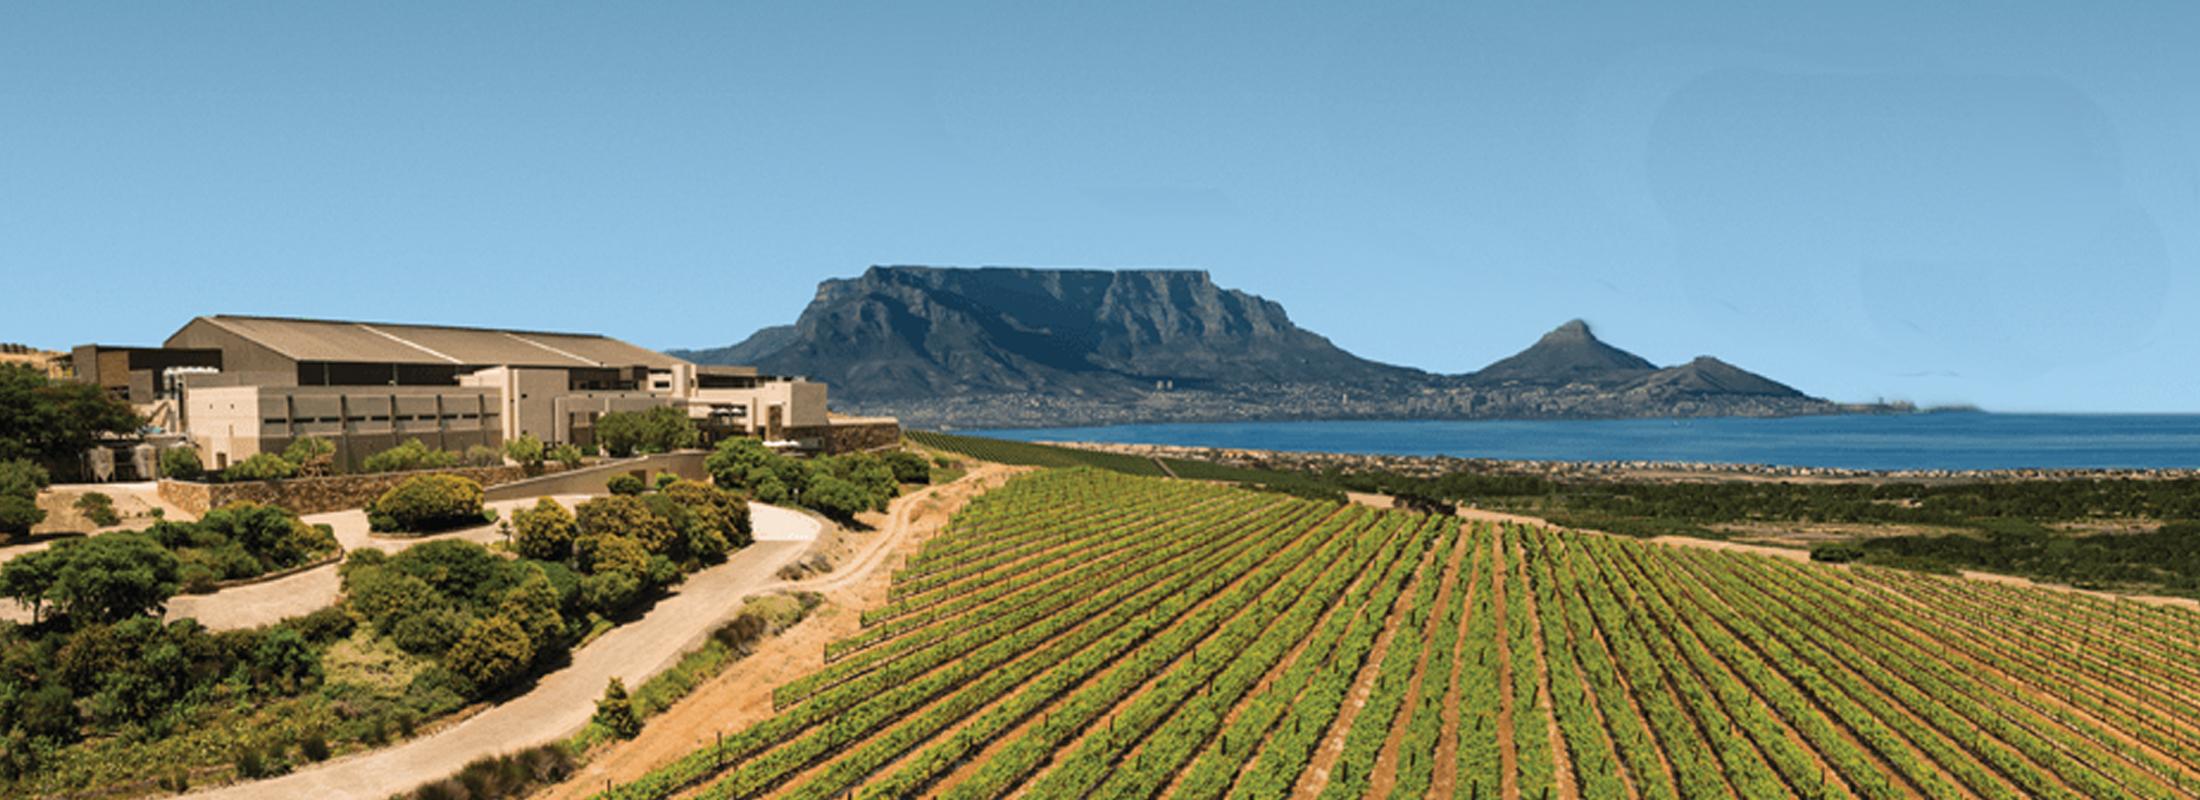 Circuit Le Cap Cape Town